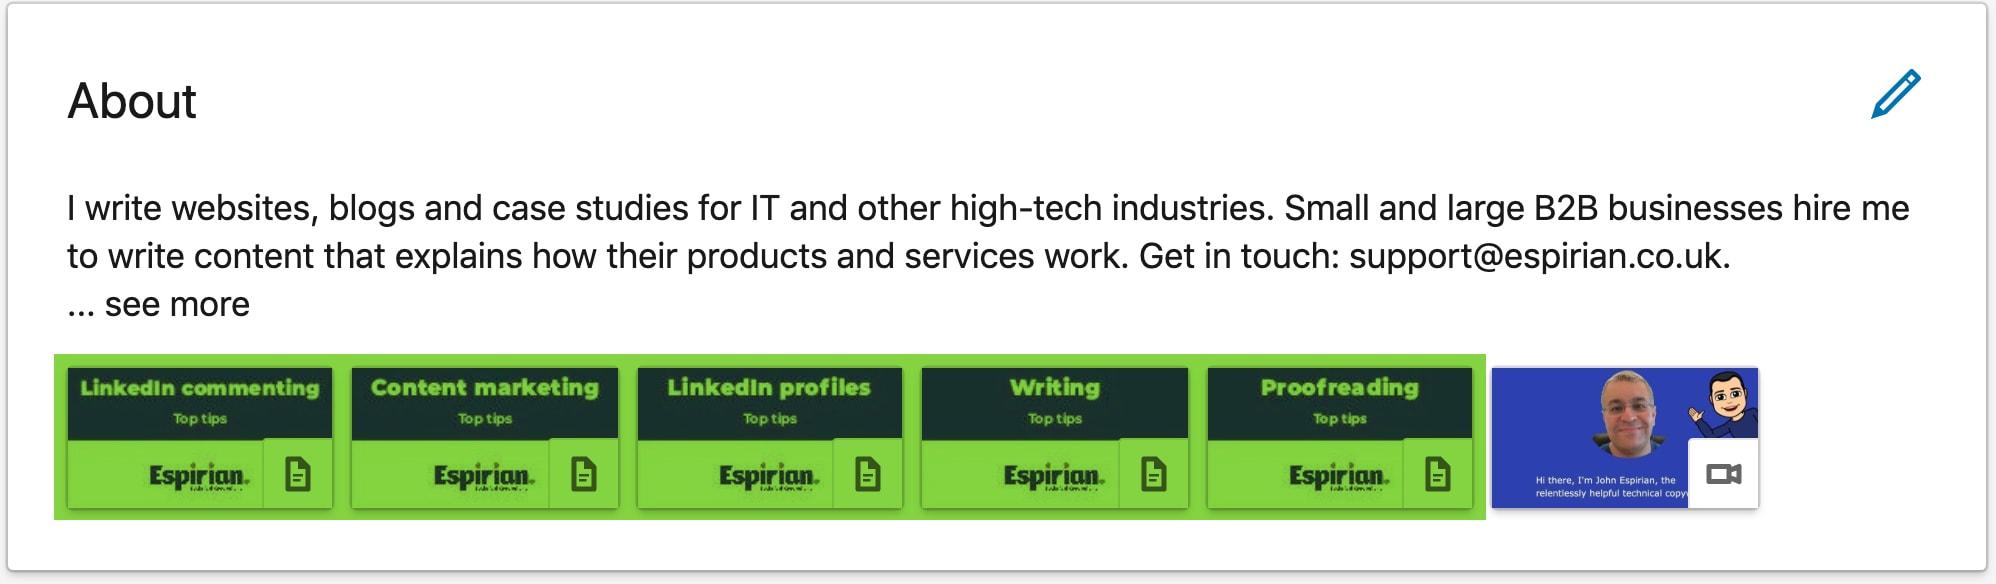 LinkedIn media items on my profile